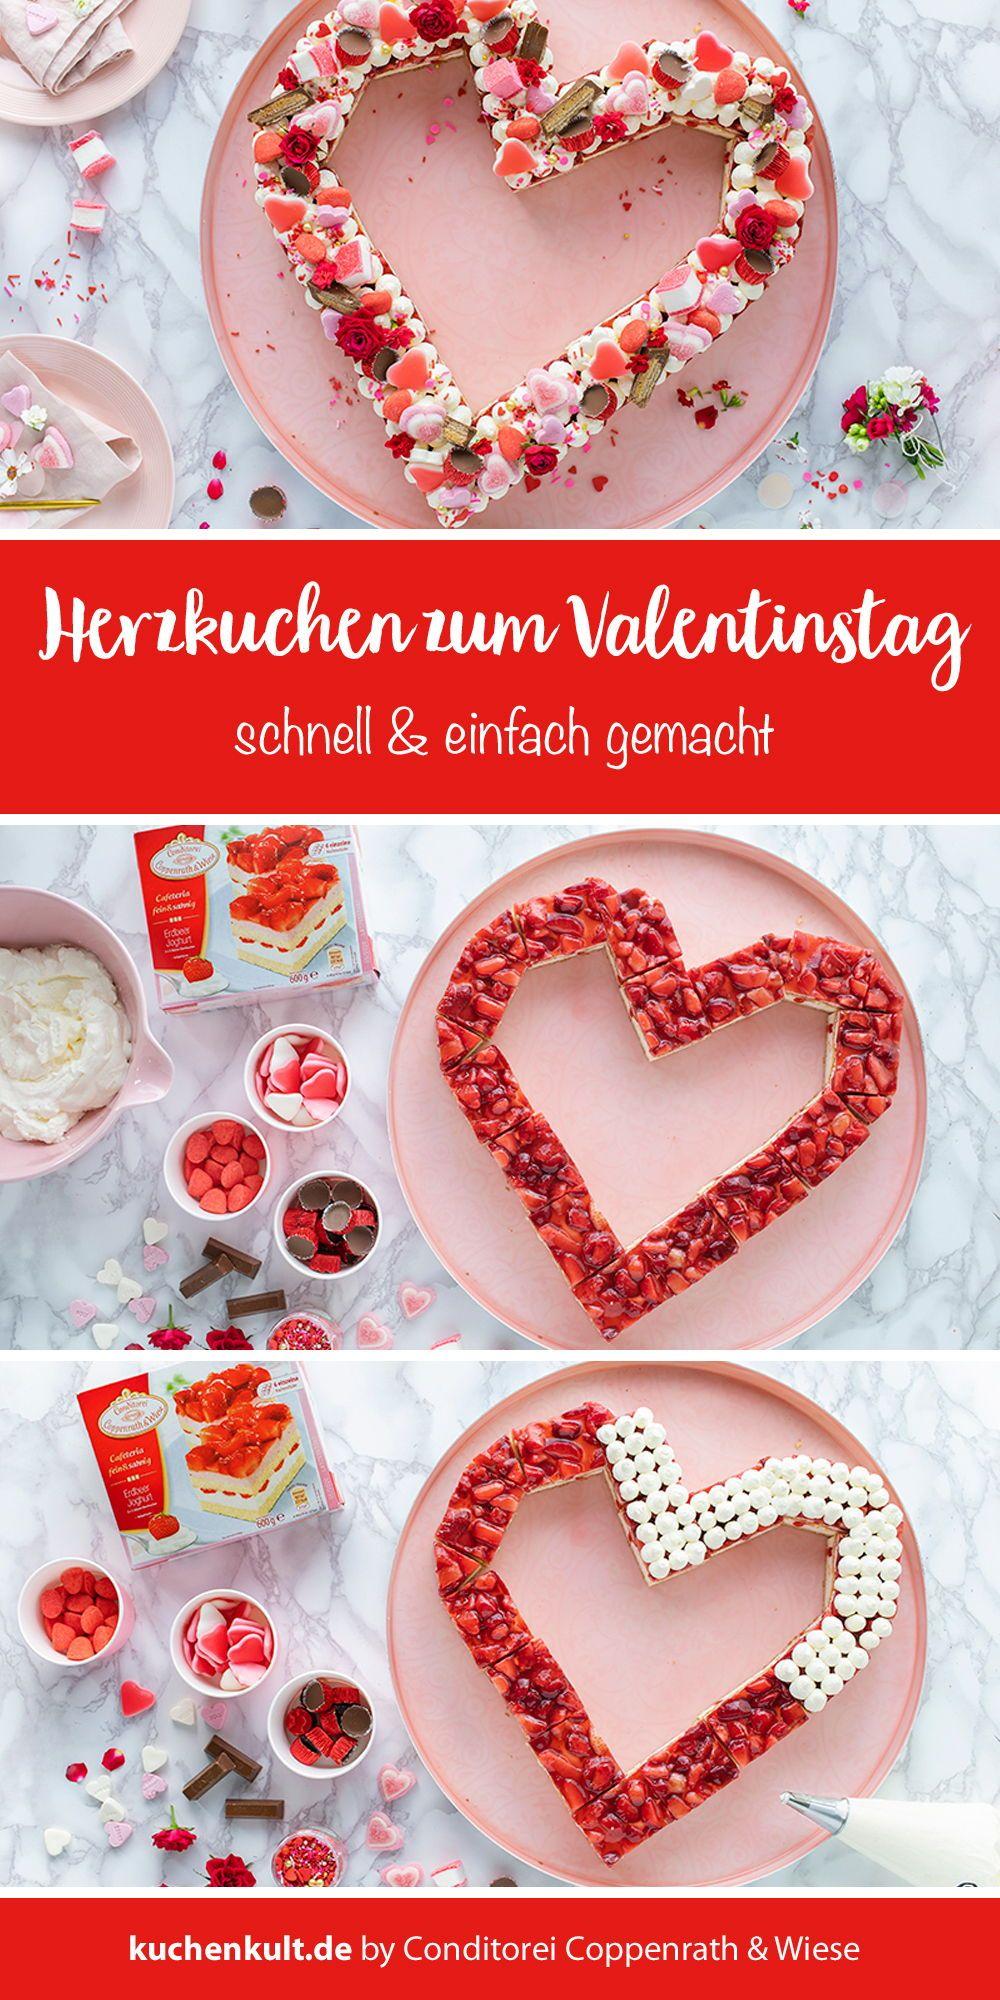 Zum Valentinstag Lettercake Als Herzkuchen Susses Zum